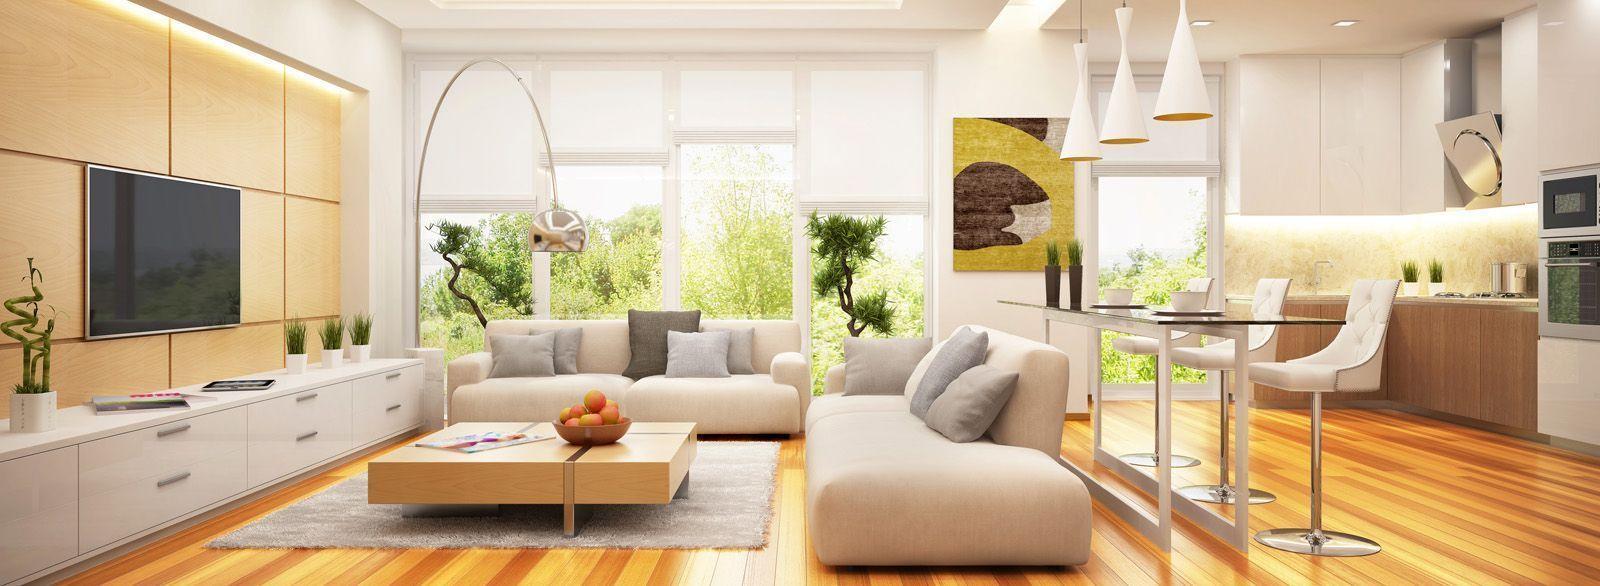 Historia del diseño de interiores, elementos y funciones